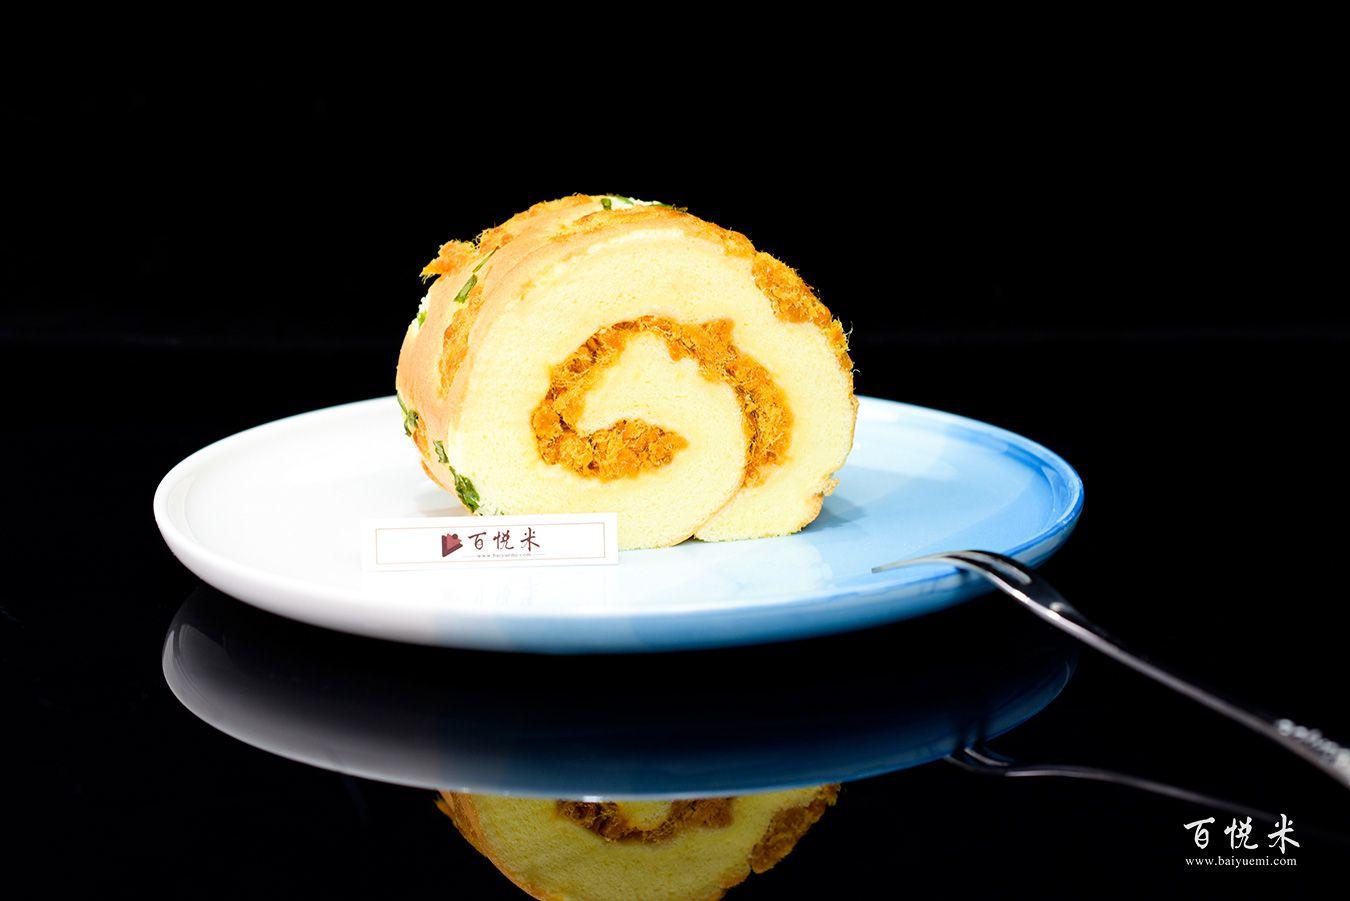 肉松卷高清图片大全【蛋糕图片】_296